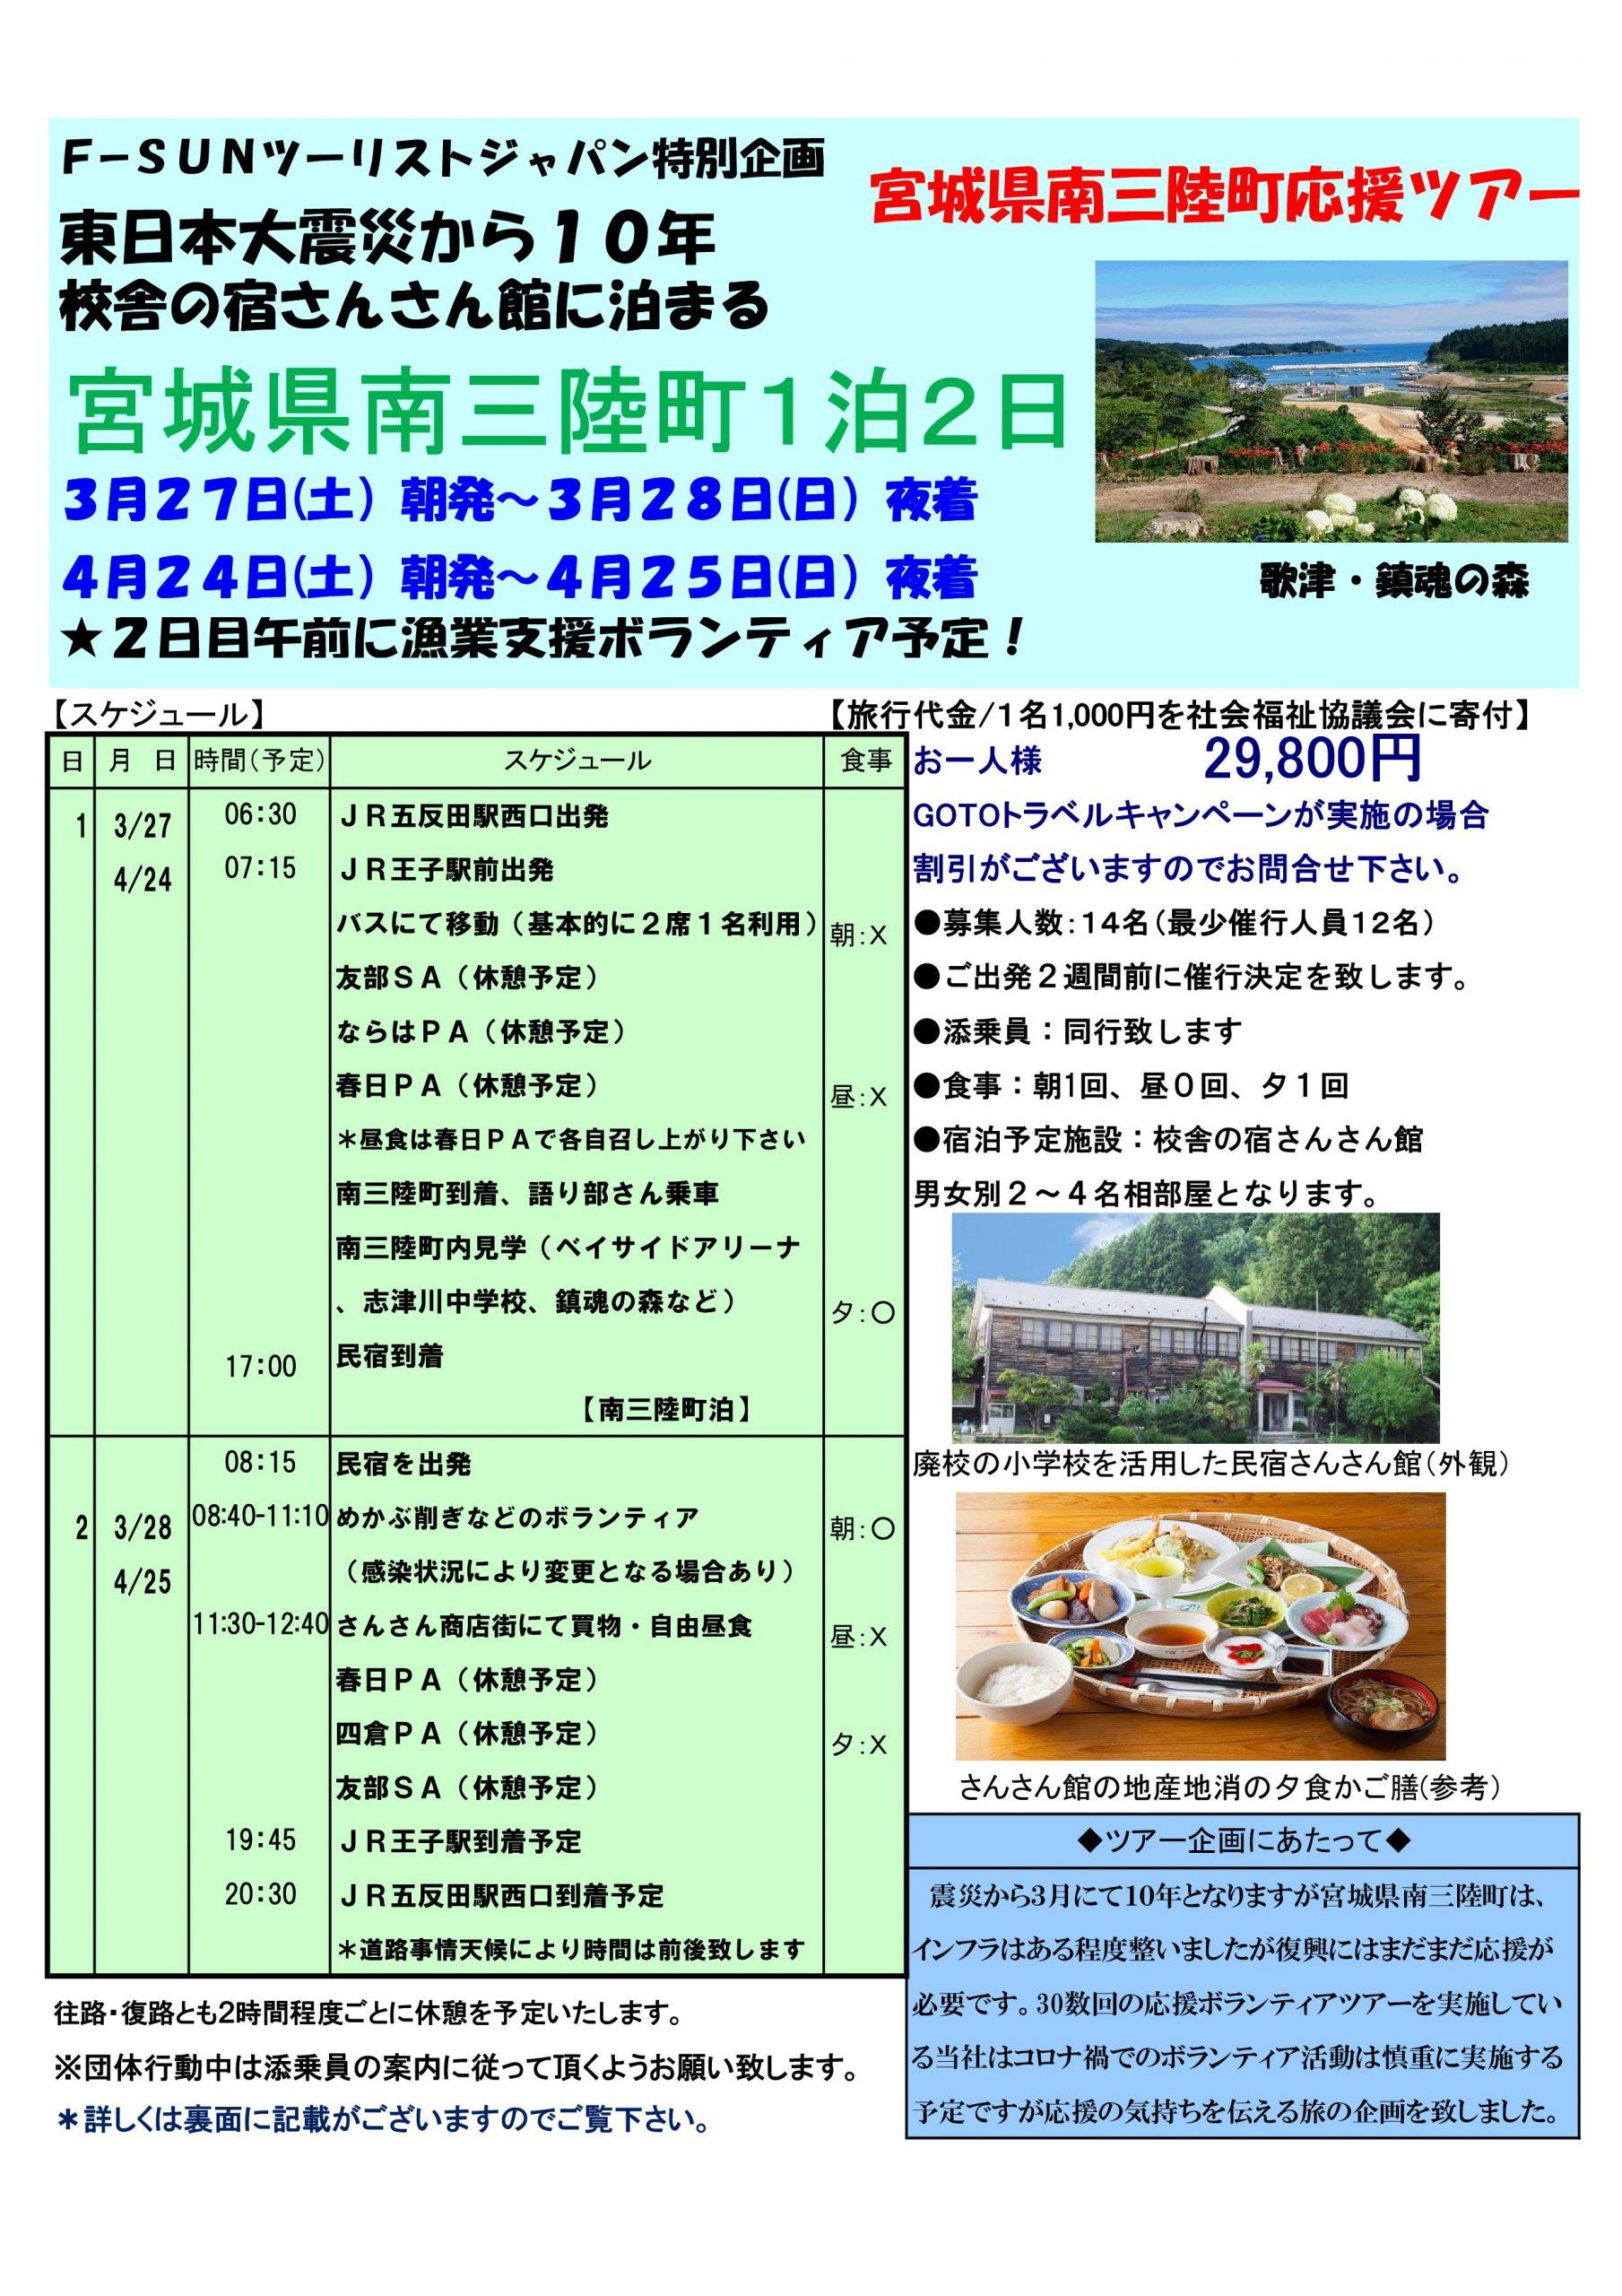 宮城県南三陸町への応援ツアー